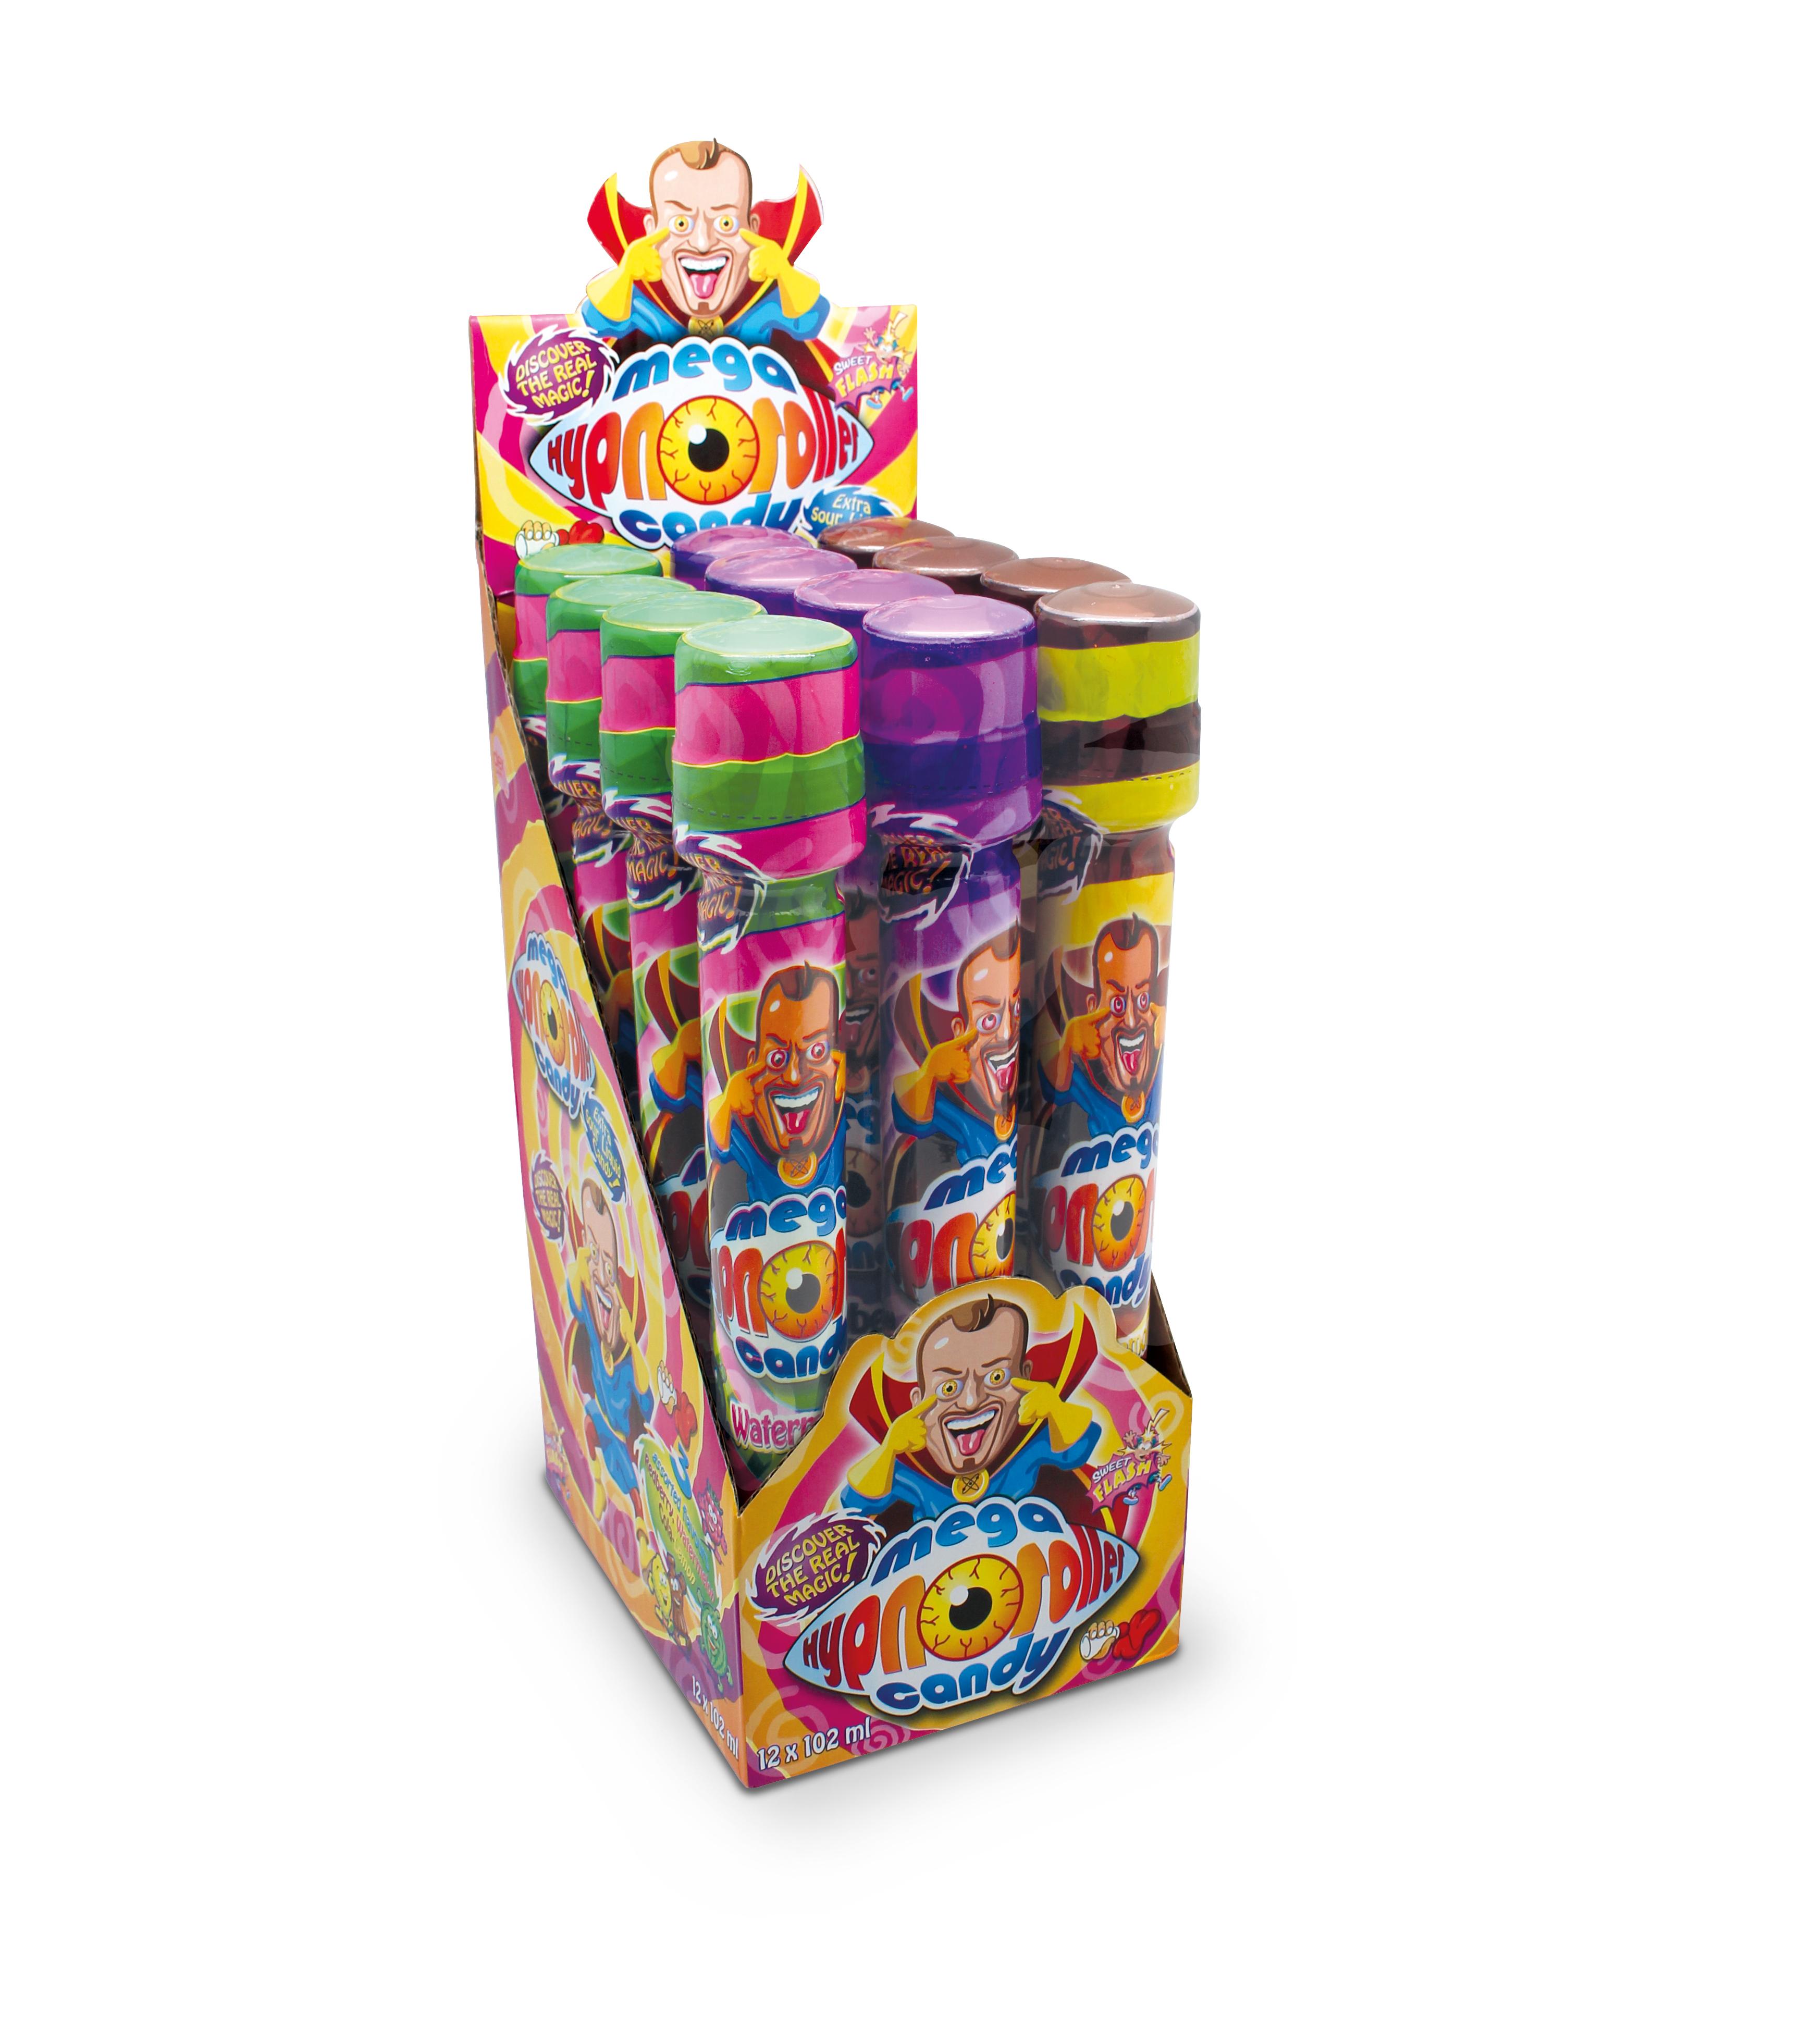 Mega Hypno Candy Roller